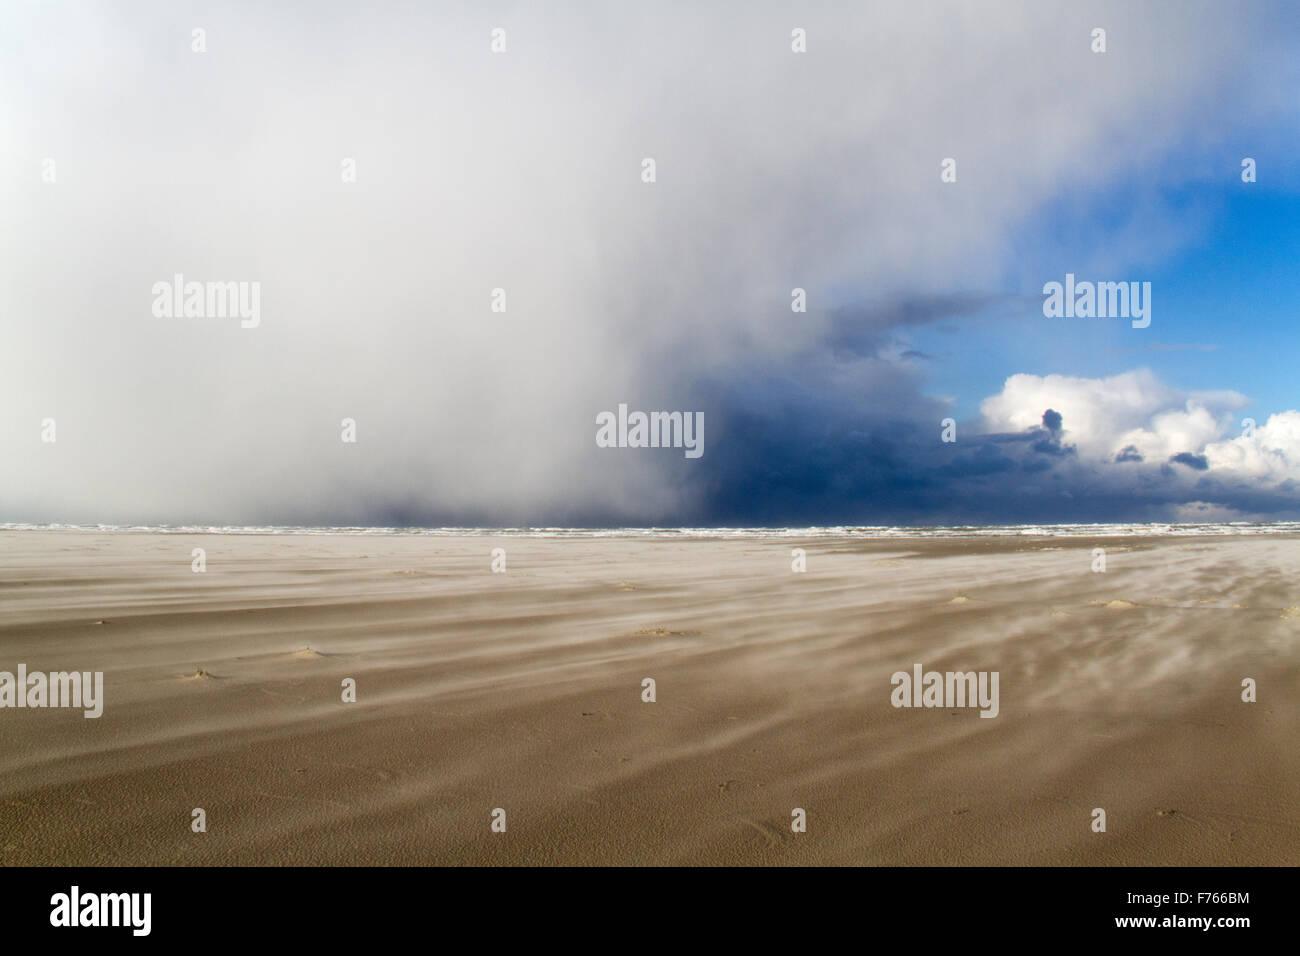 Un día en la playa salvaje: una tormenta de arena y nubes bajas sobre el nivel del mar, trayendo la nieve Imagen De Stock